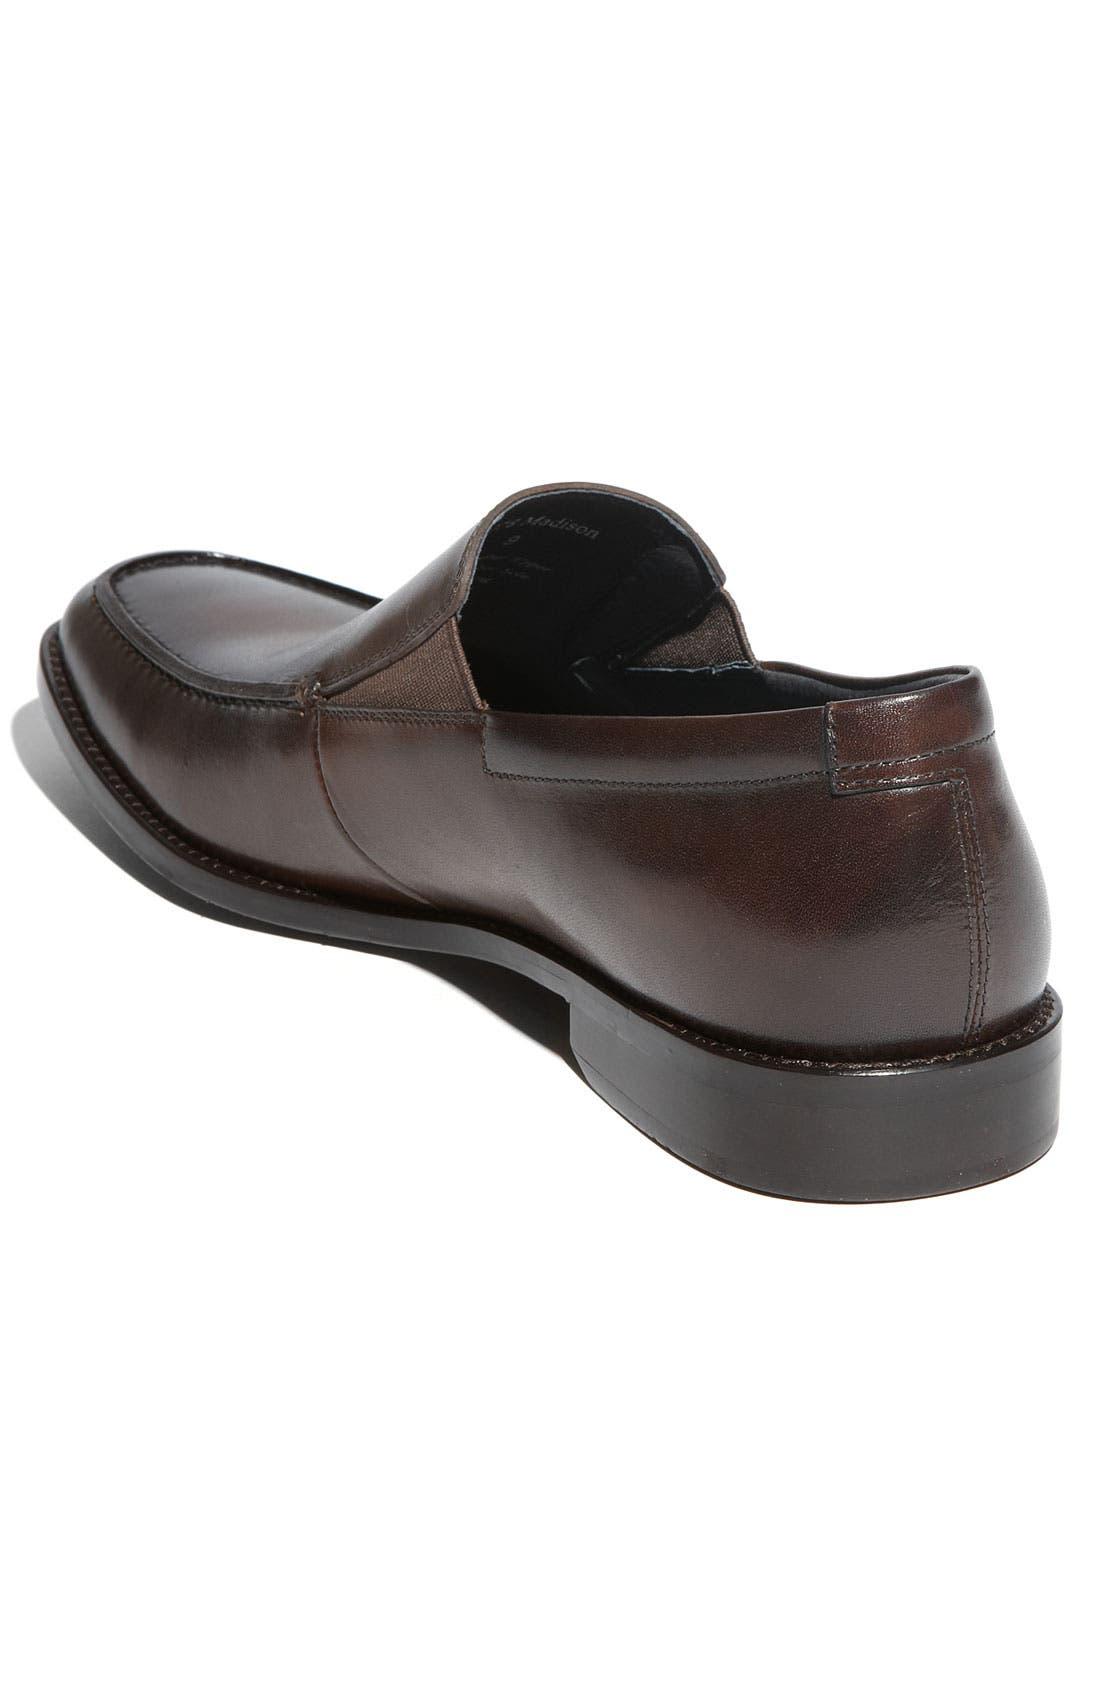 Alternate Image 2  - Gordon Rush 'Madison' Venetian Loafer (Men)